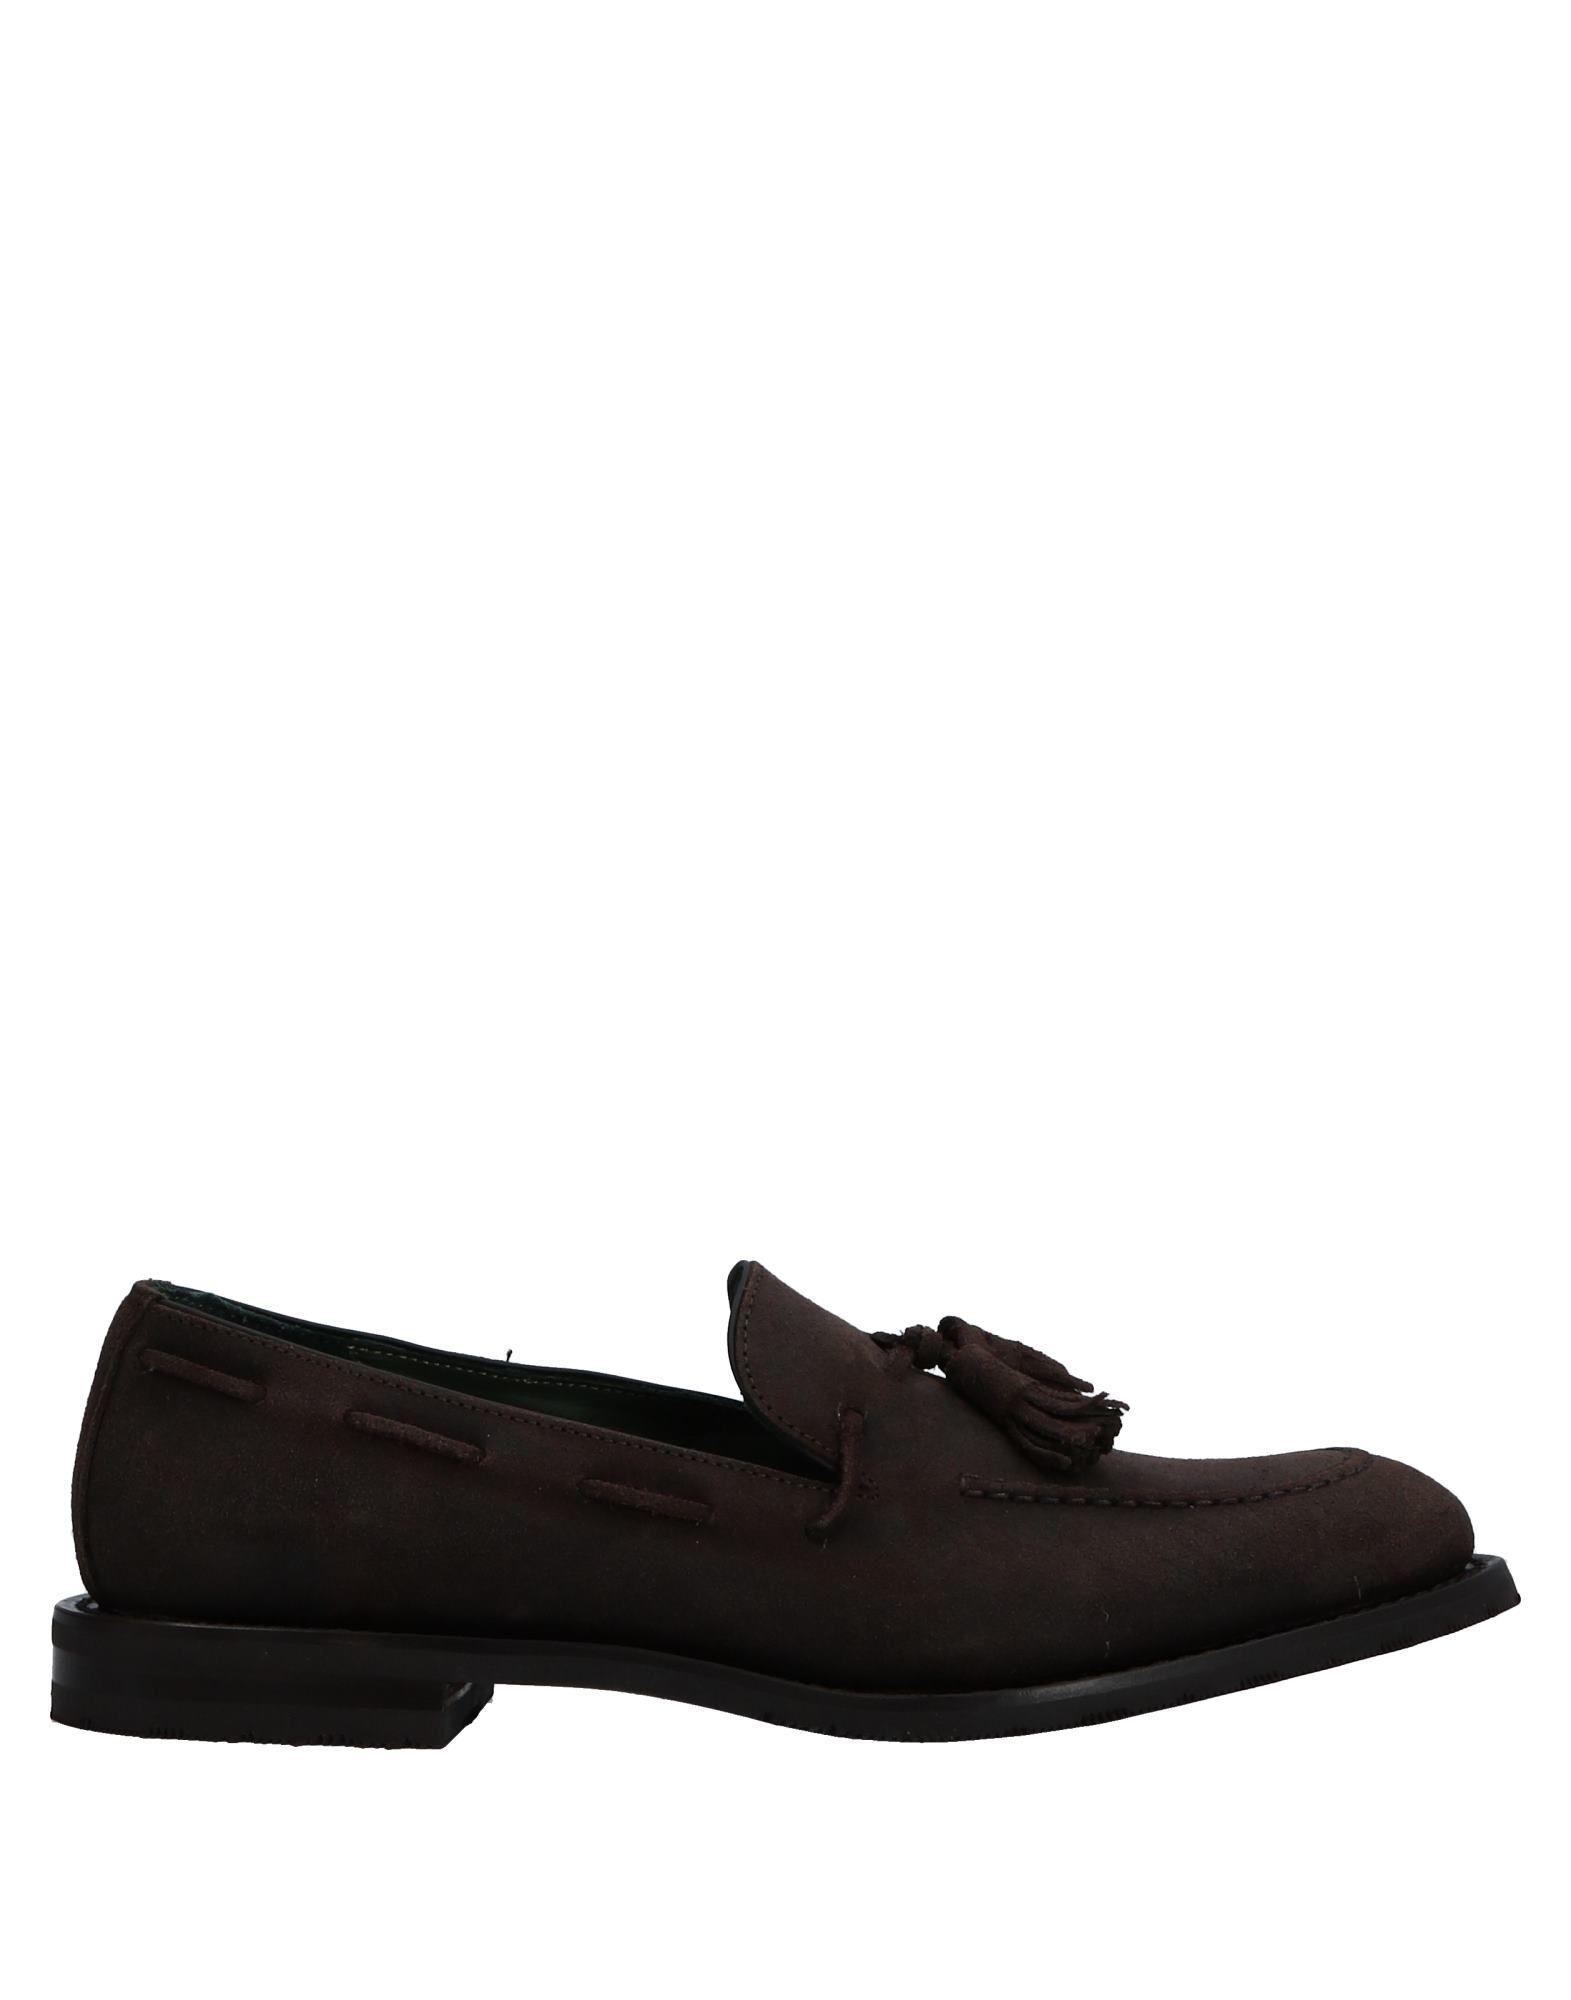 Andrea Ventura Firenze Mokassins Herren  11531956CA Gute Qualität beliebte Schuhe